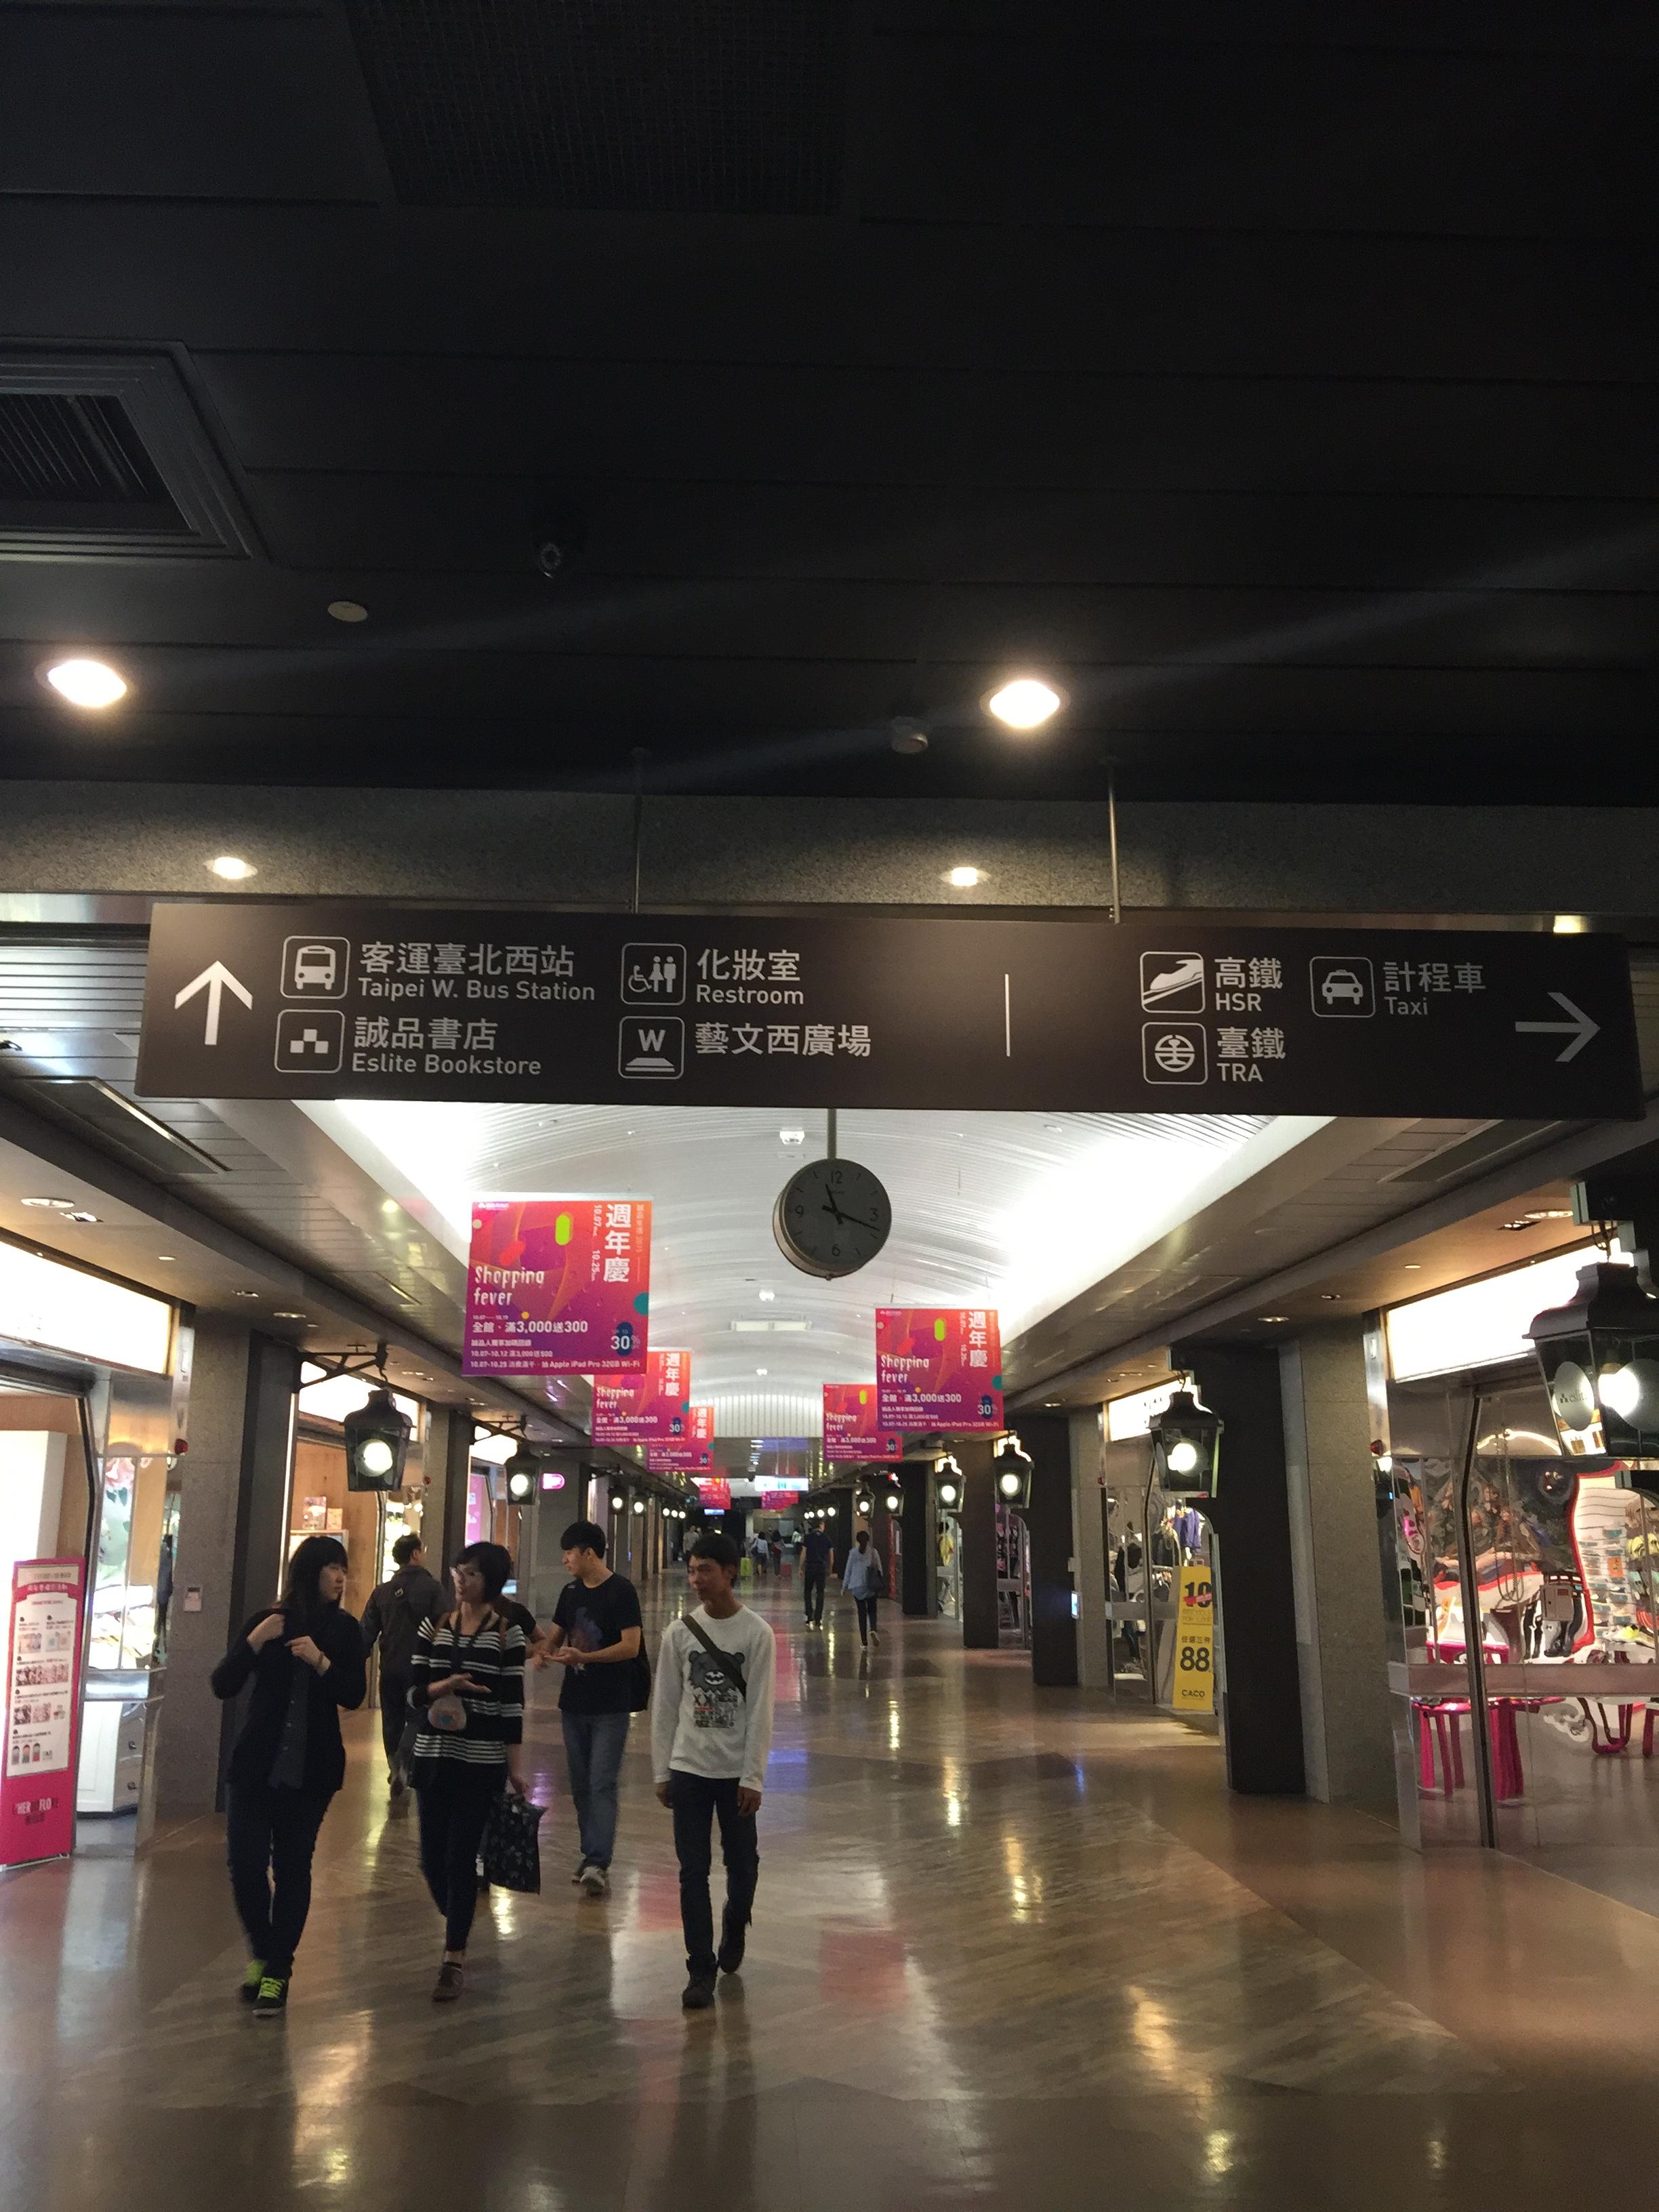 臺北車站大包小包不迷路 – 由捷運站去國光客運(桃園機場巴士)   咸魚青菜